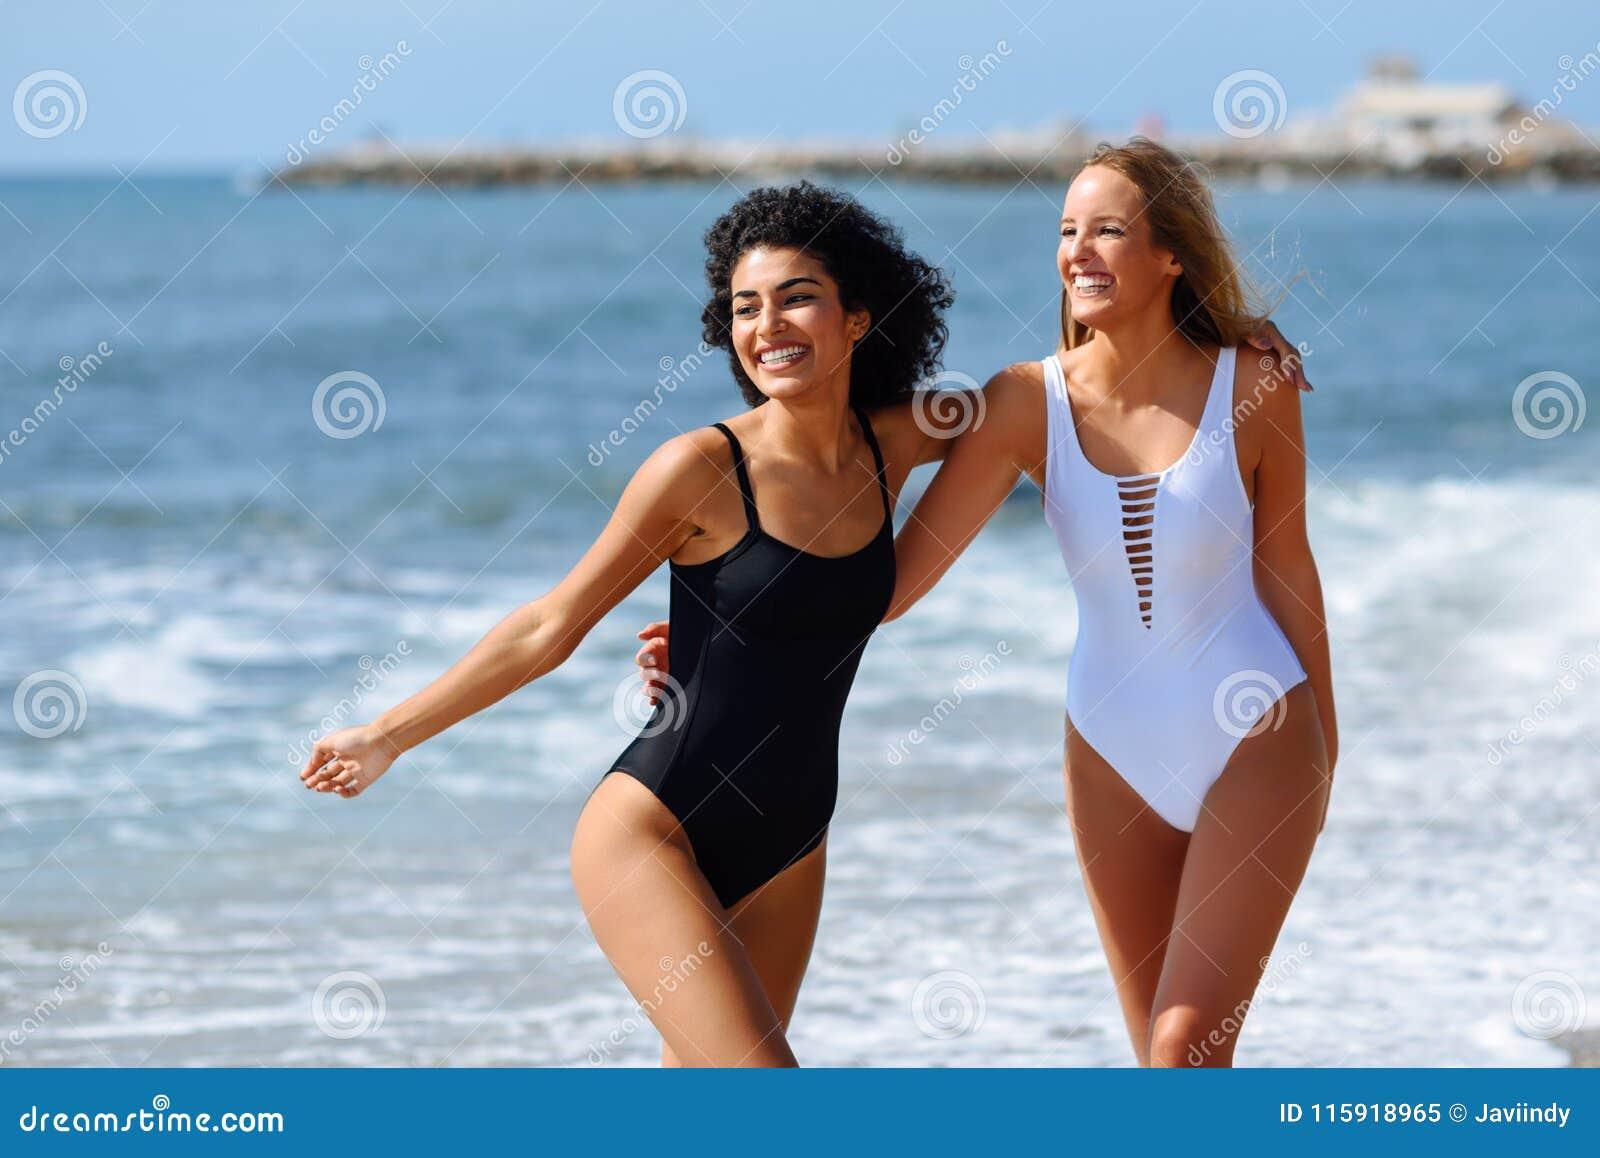 cfdd9da7b2fd Dos Mujeres Jovenes Con Los Cuerpos Hermosos En Traje De Baño En Un ...